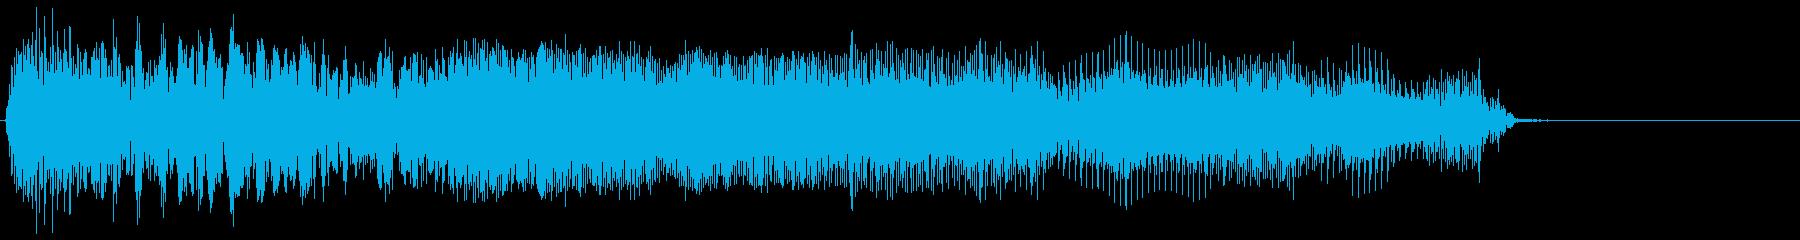 ゲーム掛け声男1叫び4の再生済みの波形